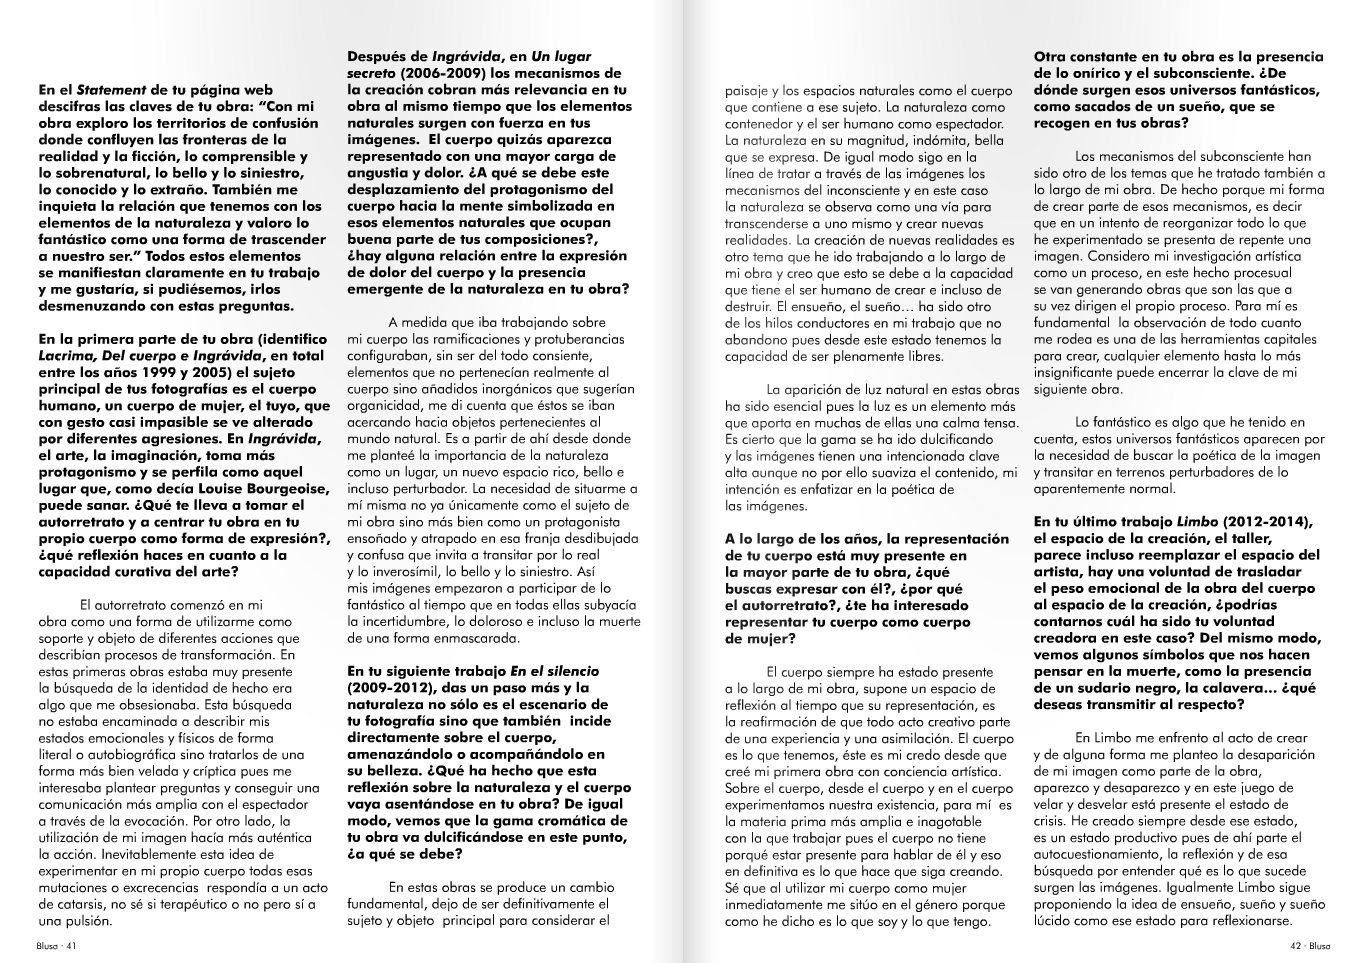 entrevista revista blusa 2